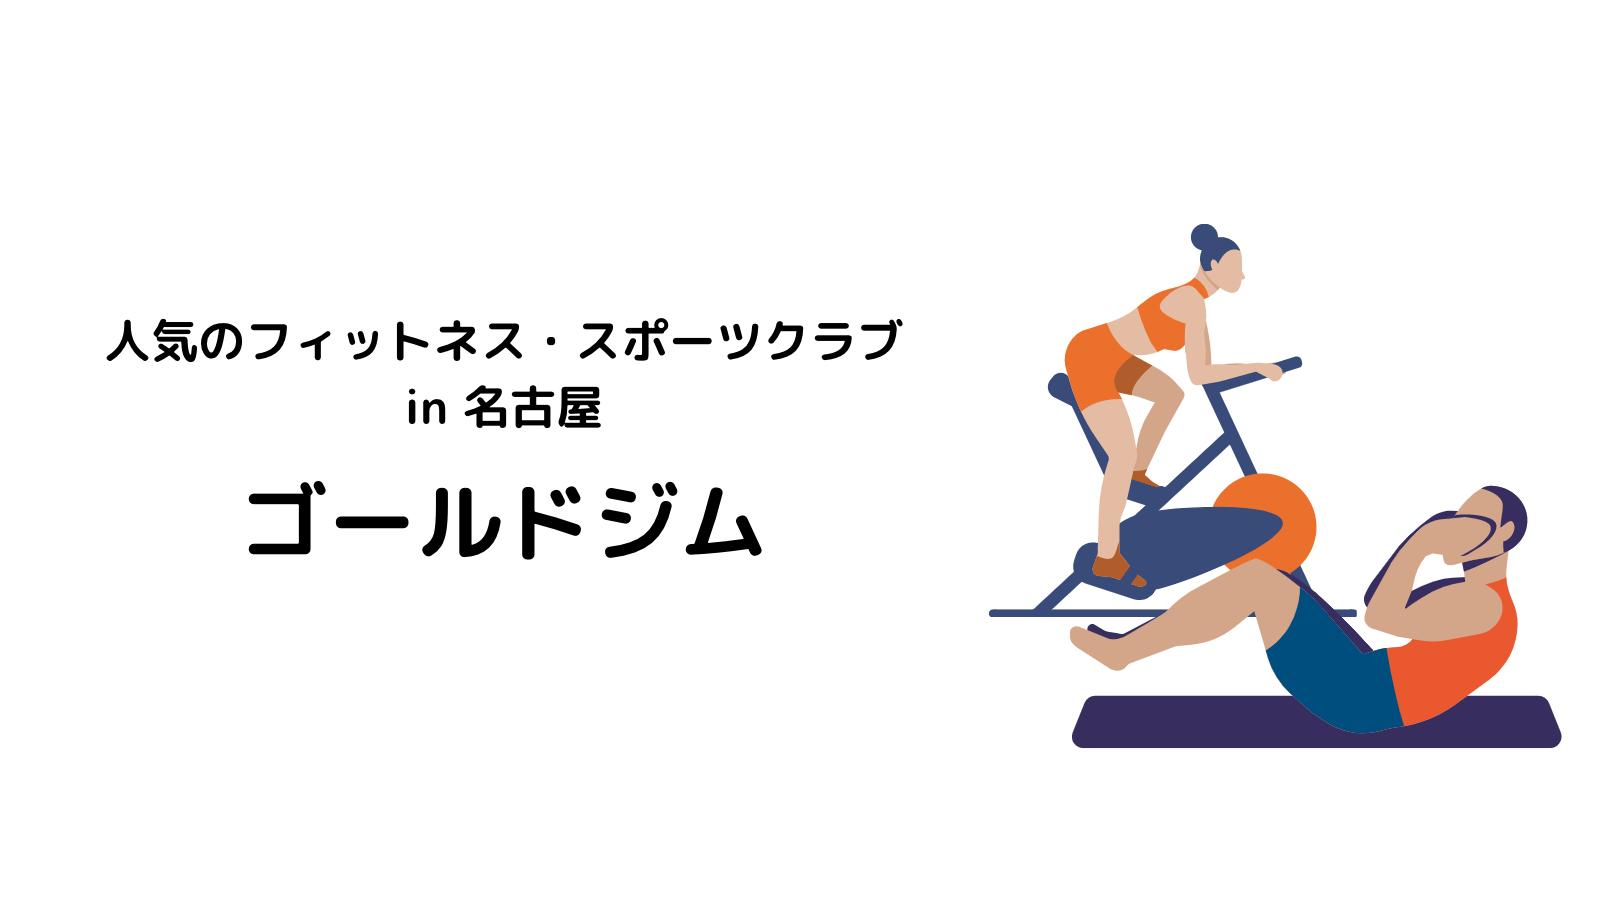 名古屋_ジム_フィットネスジム_スポーツジム_フィットネスクラブ_スポーツクラブ_おすすめ_人気_ランキング_ゴールドジム